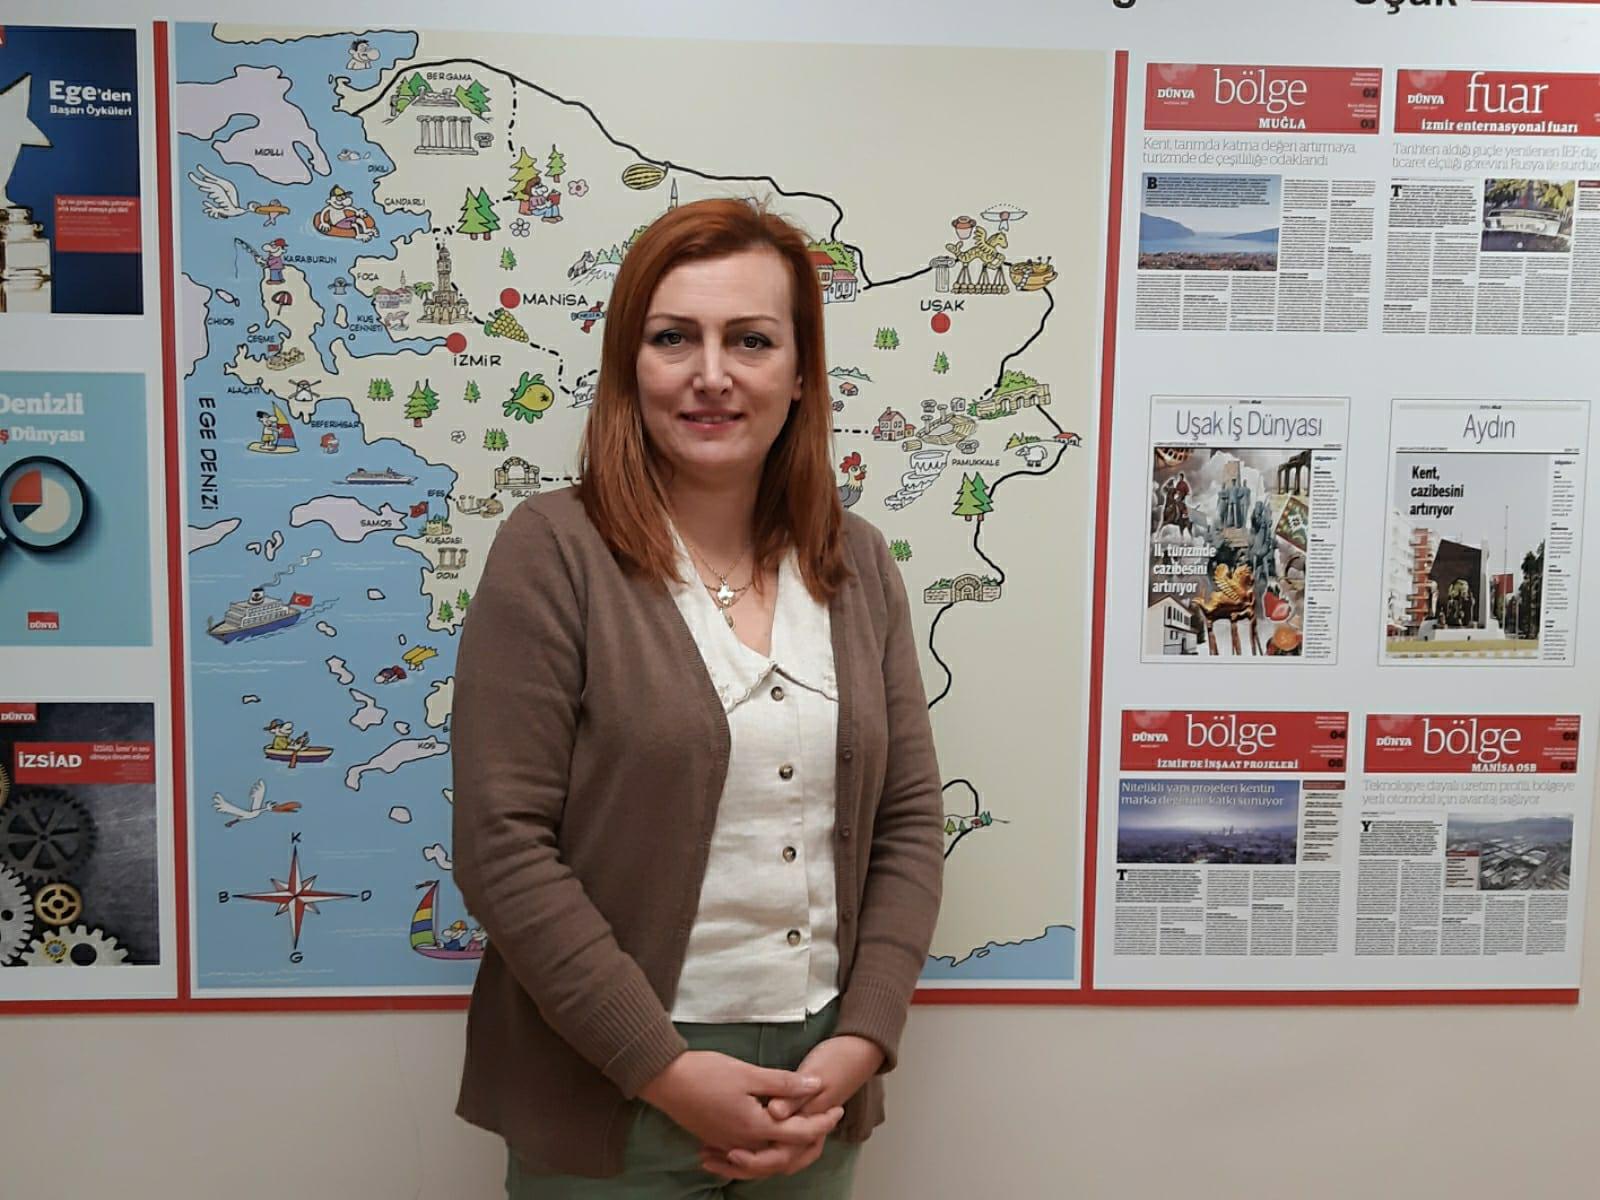 Ayşegül Güneysu Dünya Gazetesine başladı